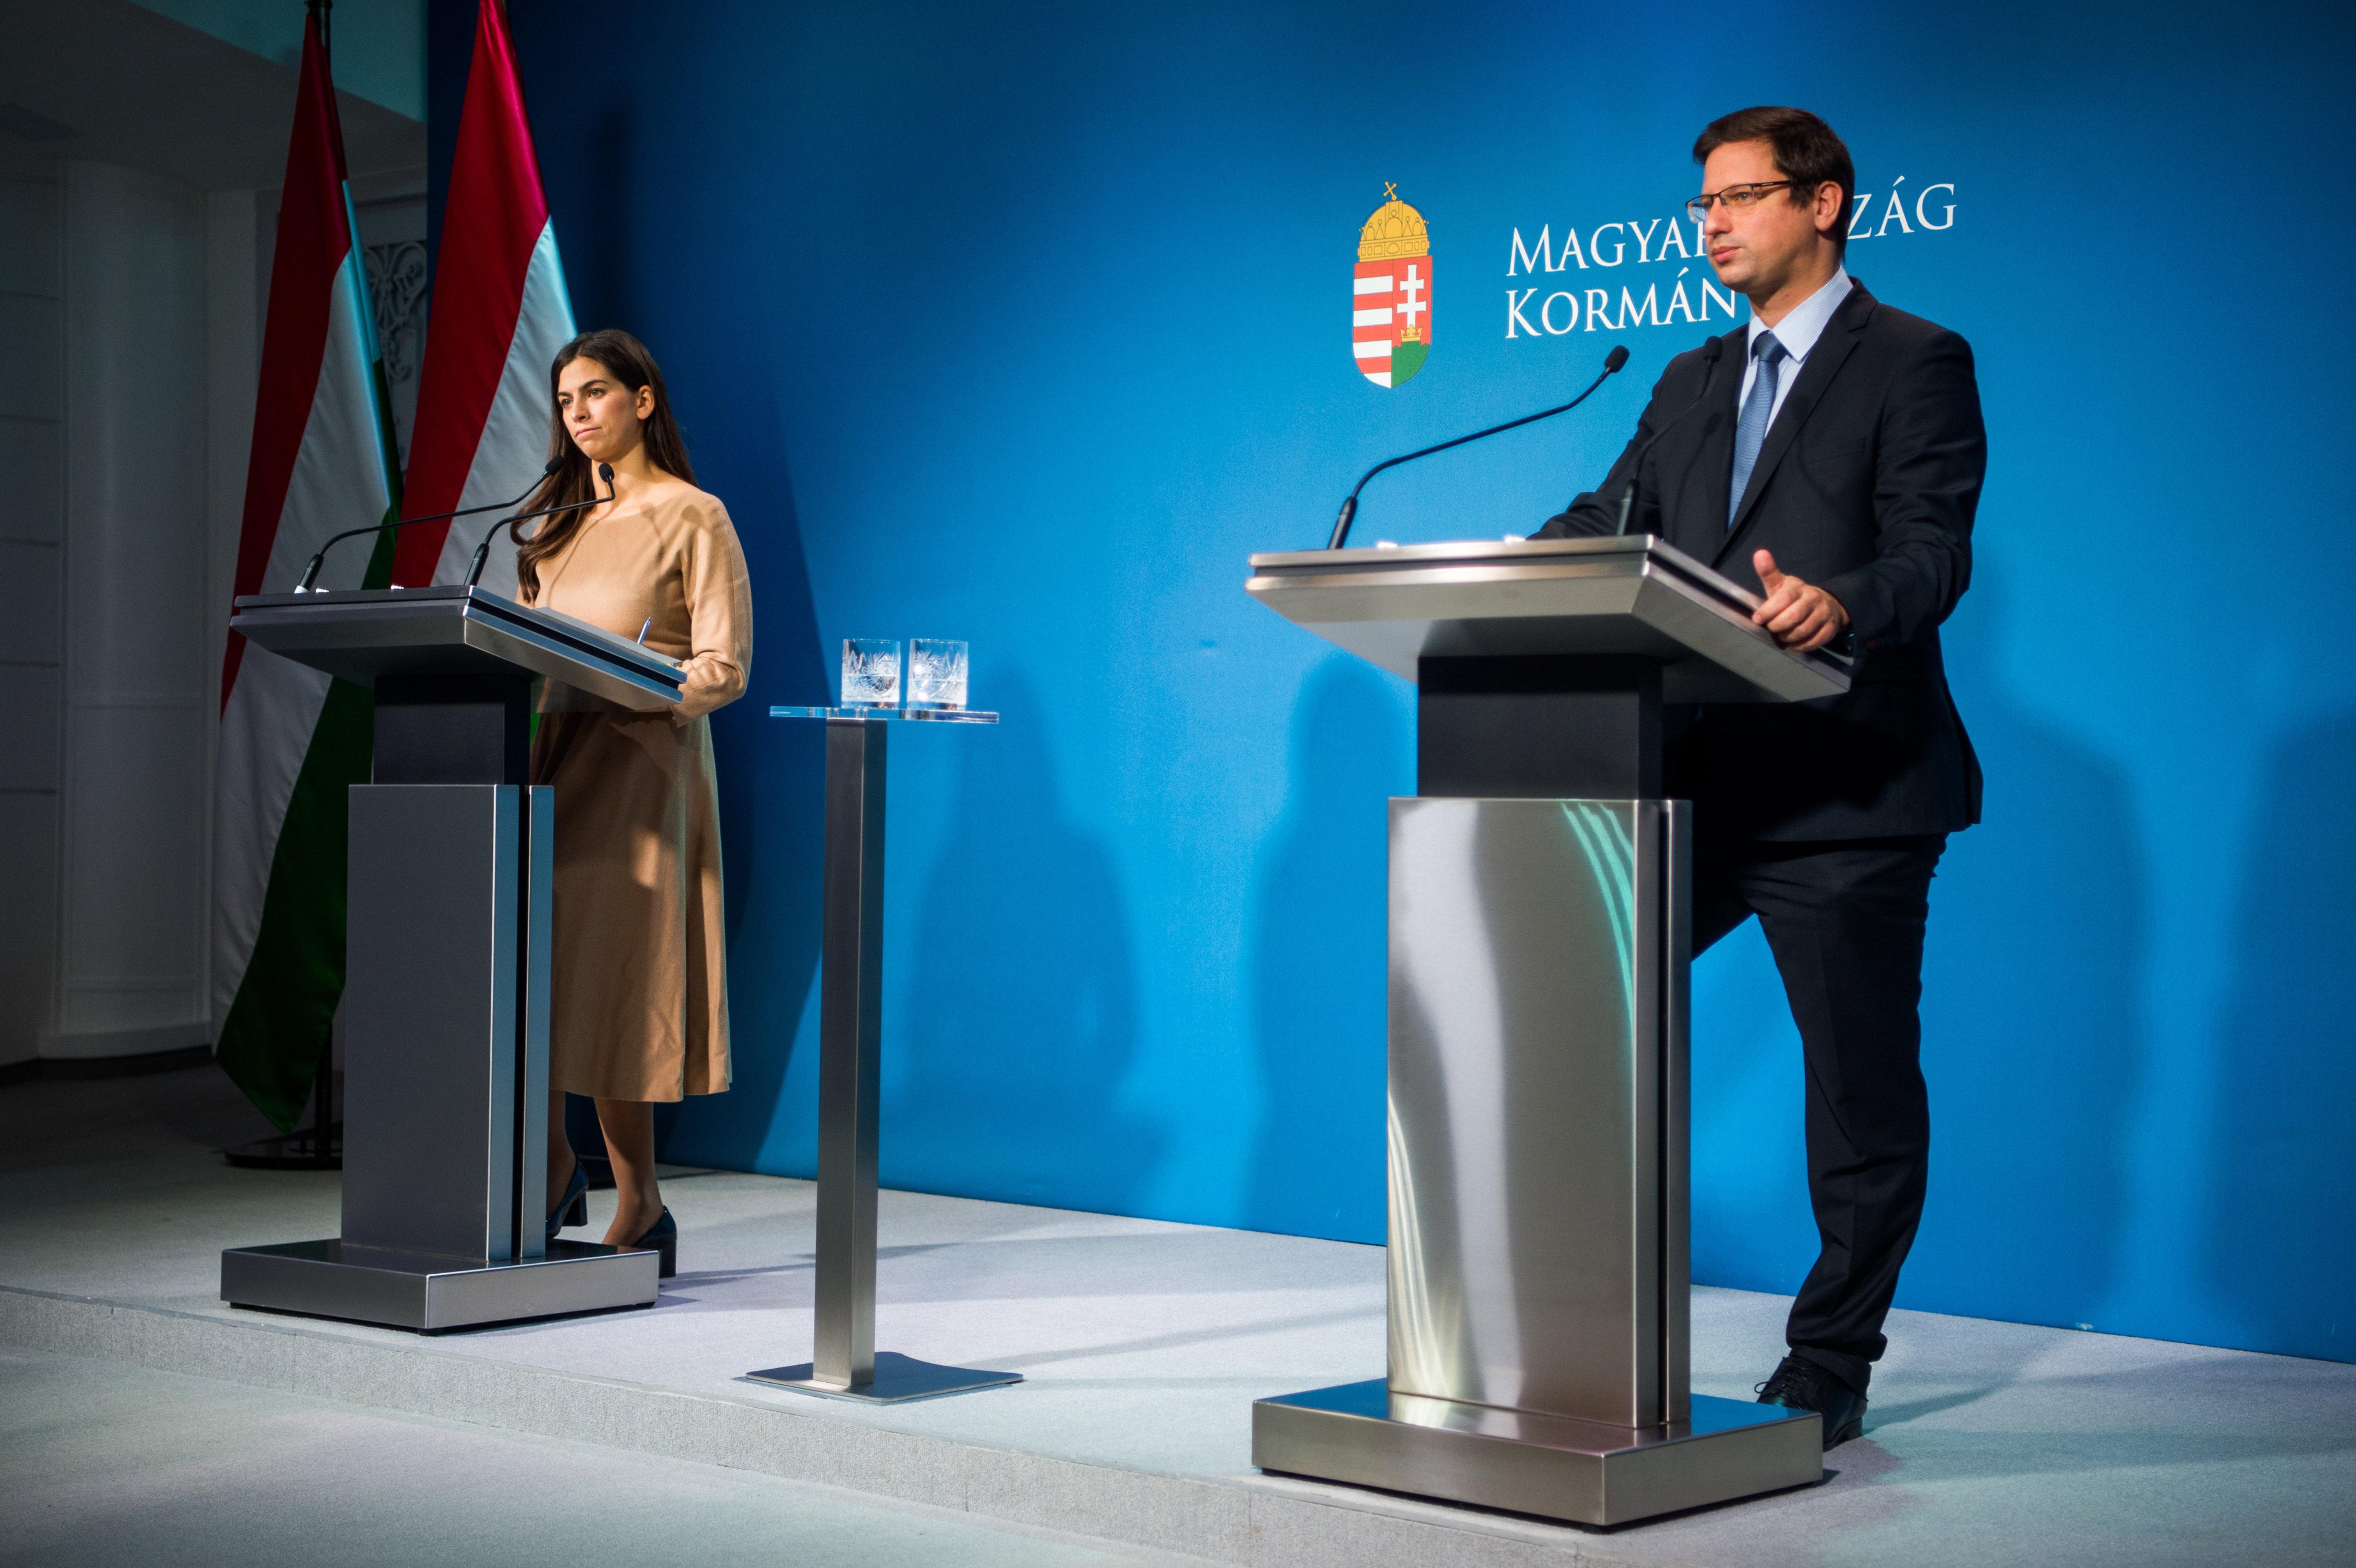 Kimagasló a magyar halálozás, Gulyás szerint ez szemezgetés a statisztikából